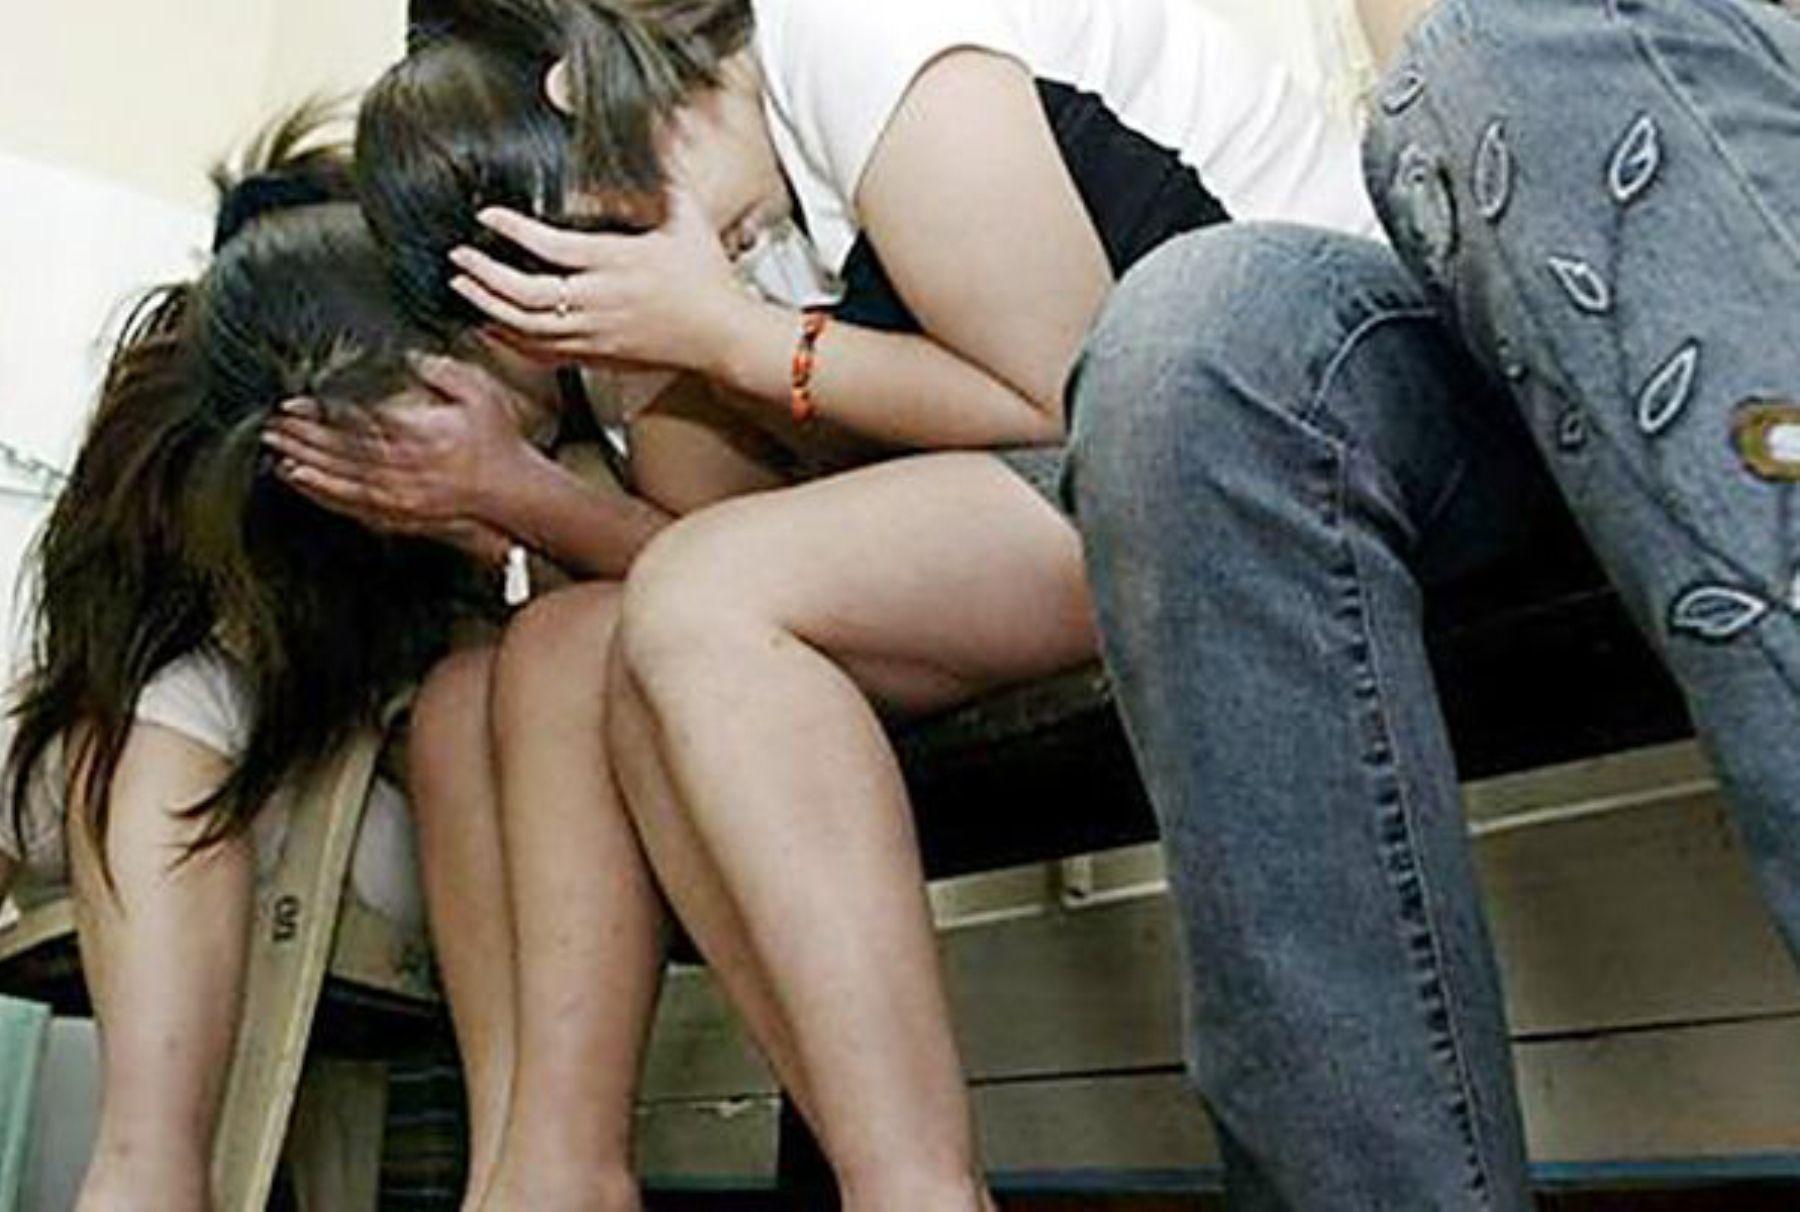 La región Loreto ocupó el segundo lugar en denuncias por trata de personas. ANDINA//Difusión